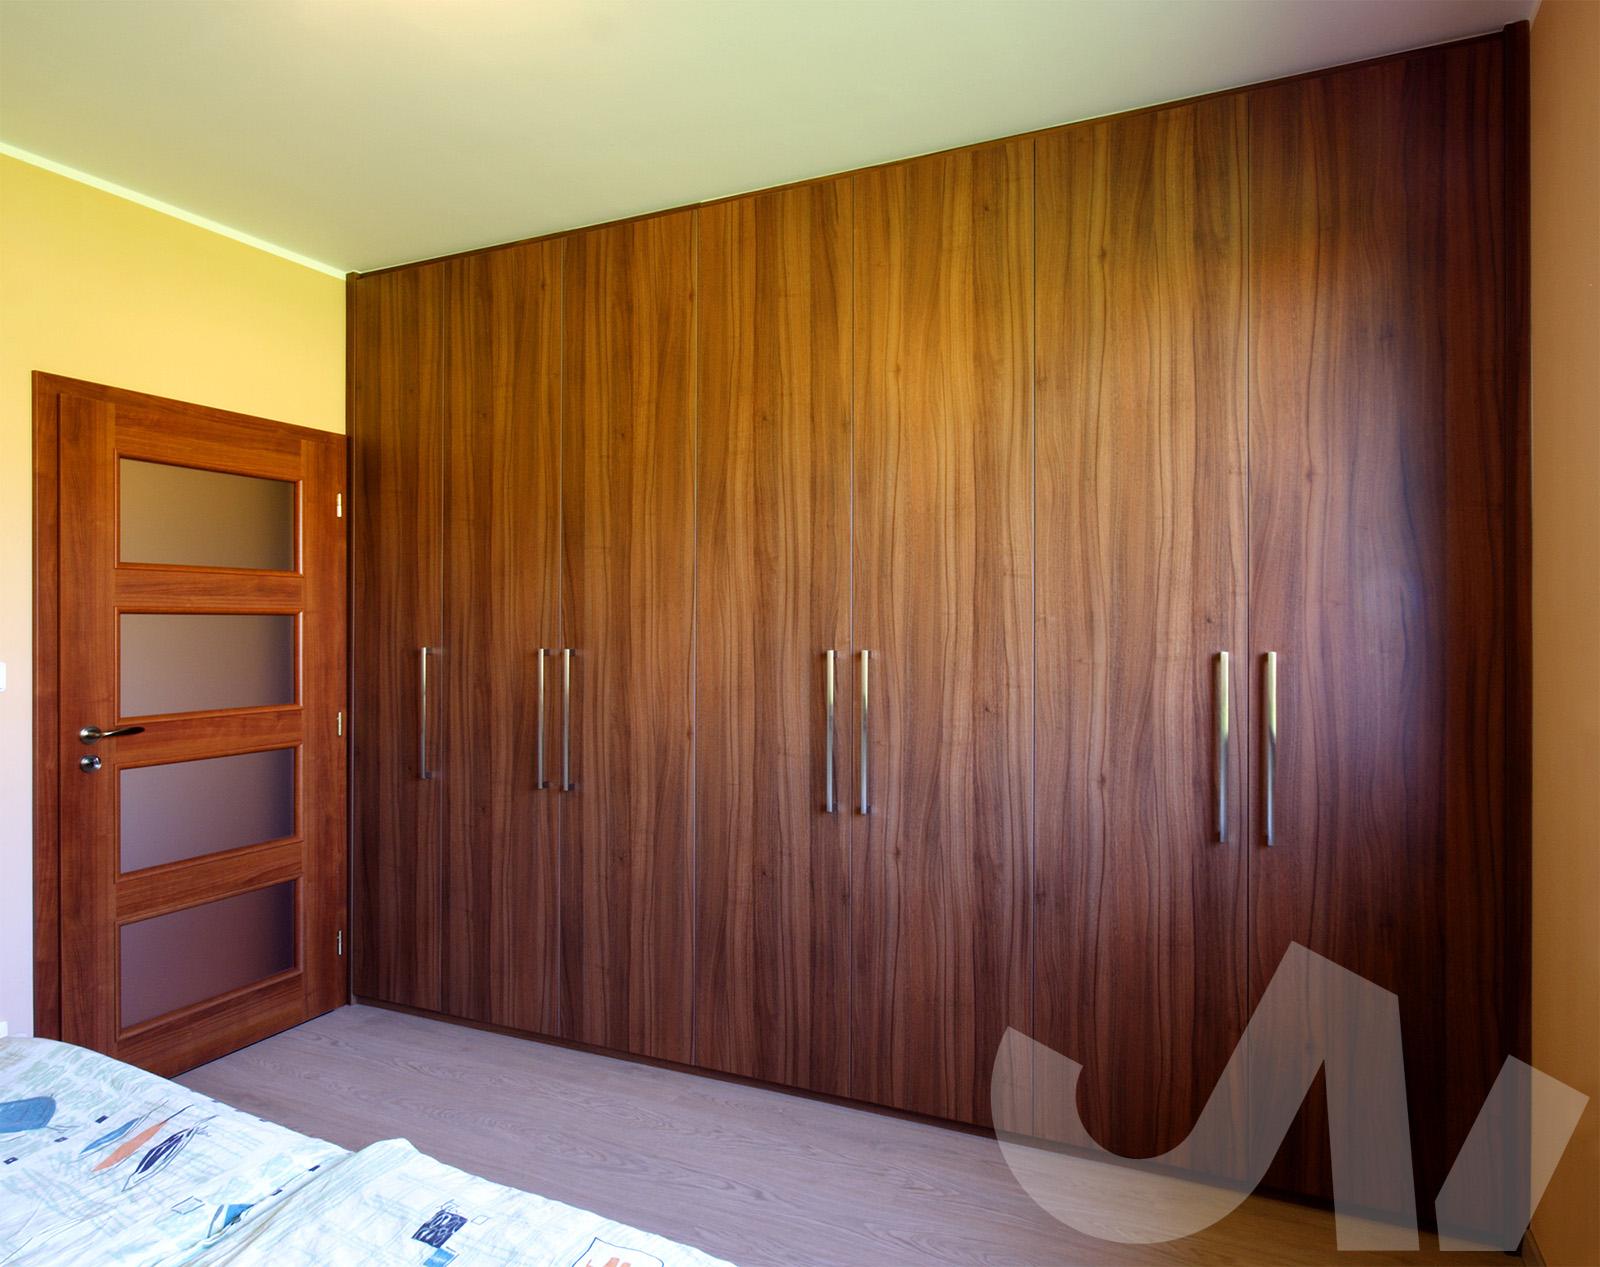 Pokud se vám do interiéru více hodí dekor dřeva, není problém.